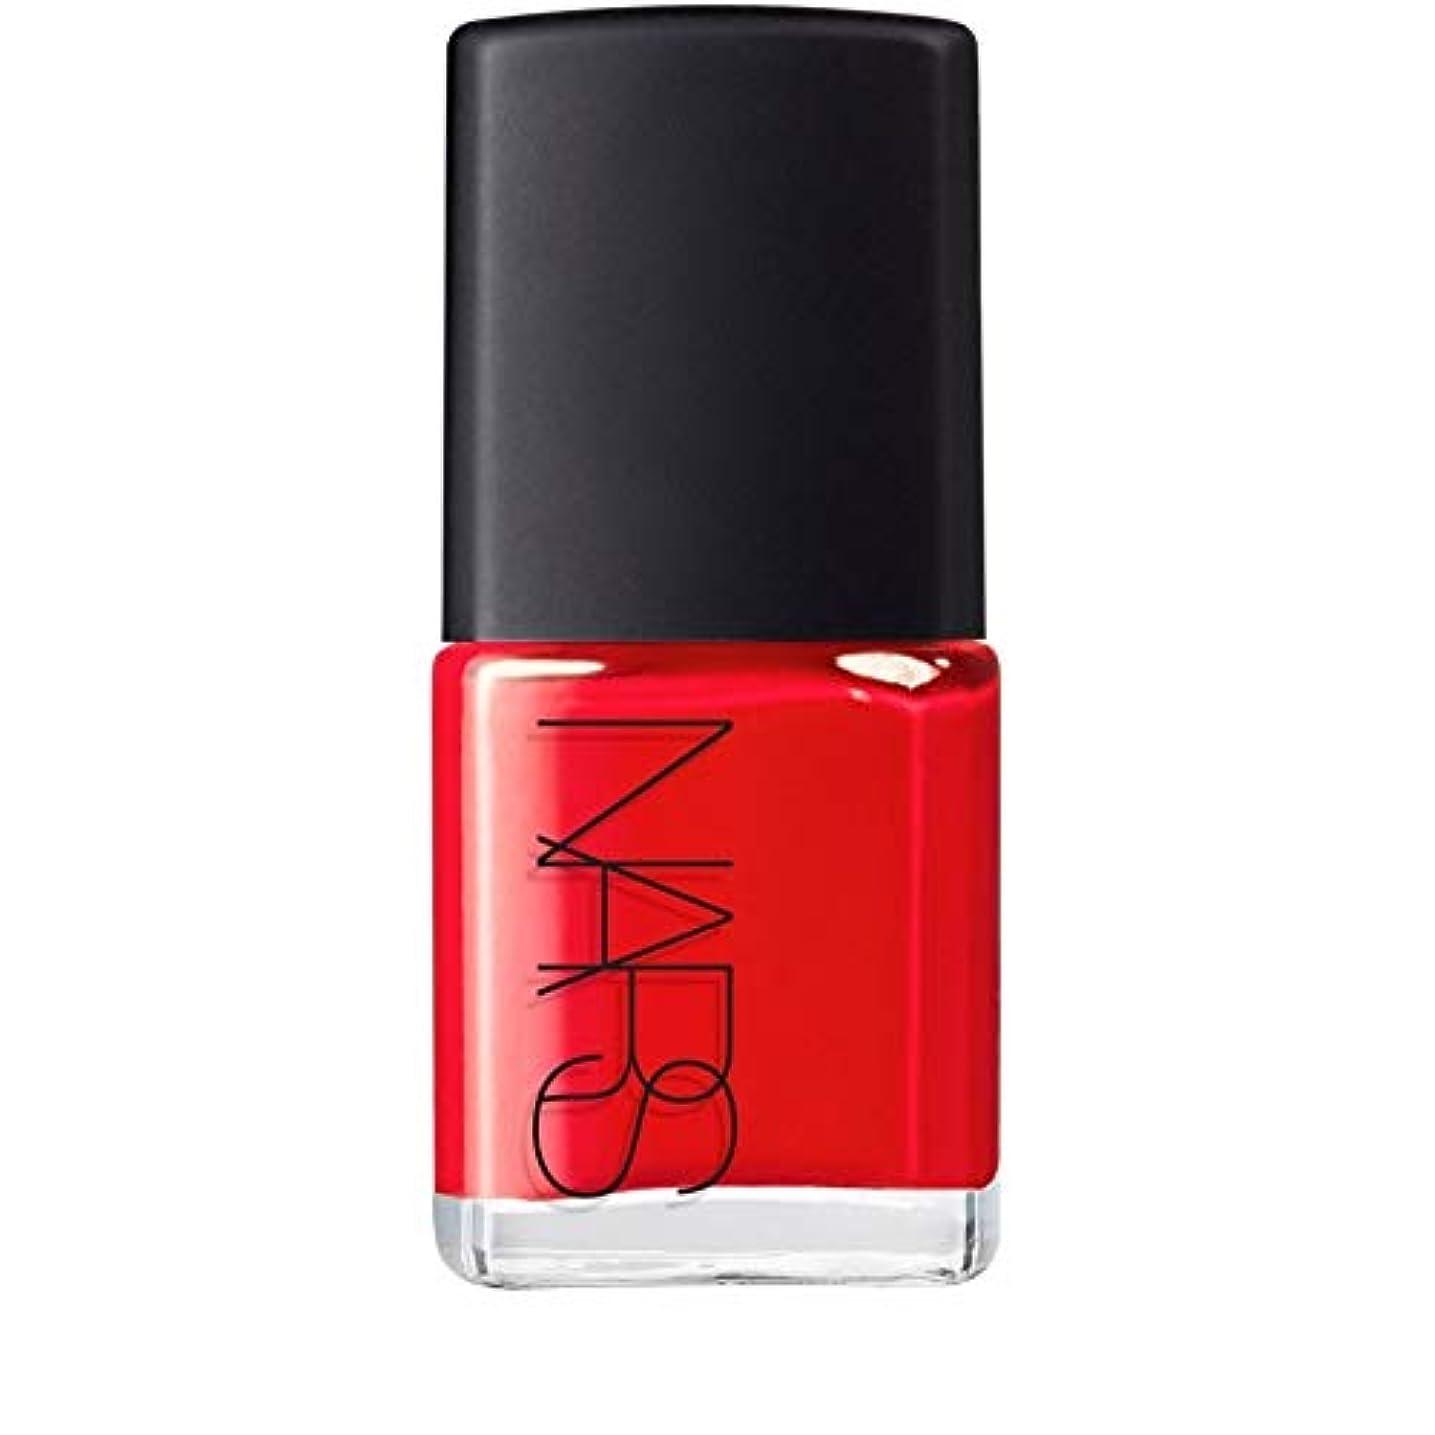 中古周辺言い換えると[Nars] パラディソイチゴピンクのNarのマニキュア - Nars Nail Polish in Paradiso Strawberry Pink [並行輸入品]